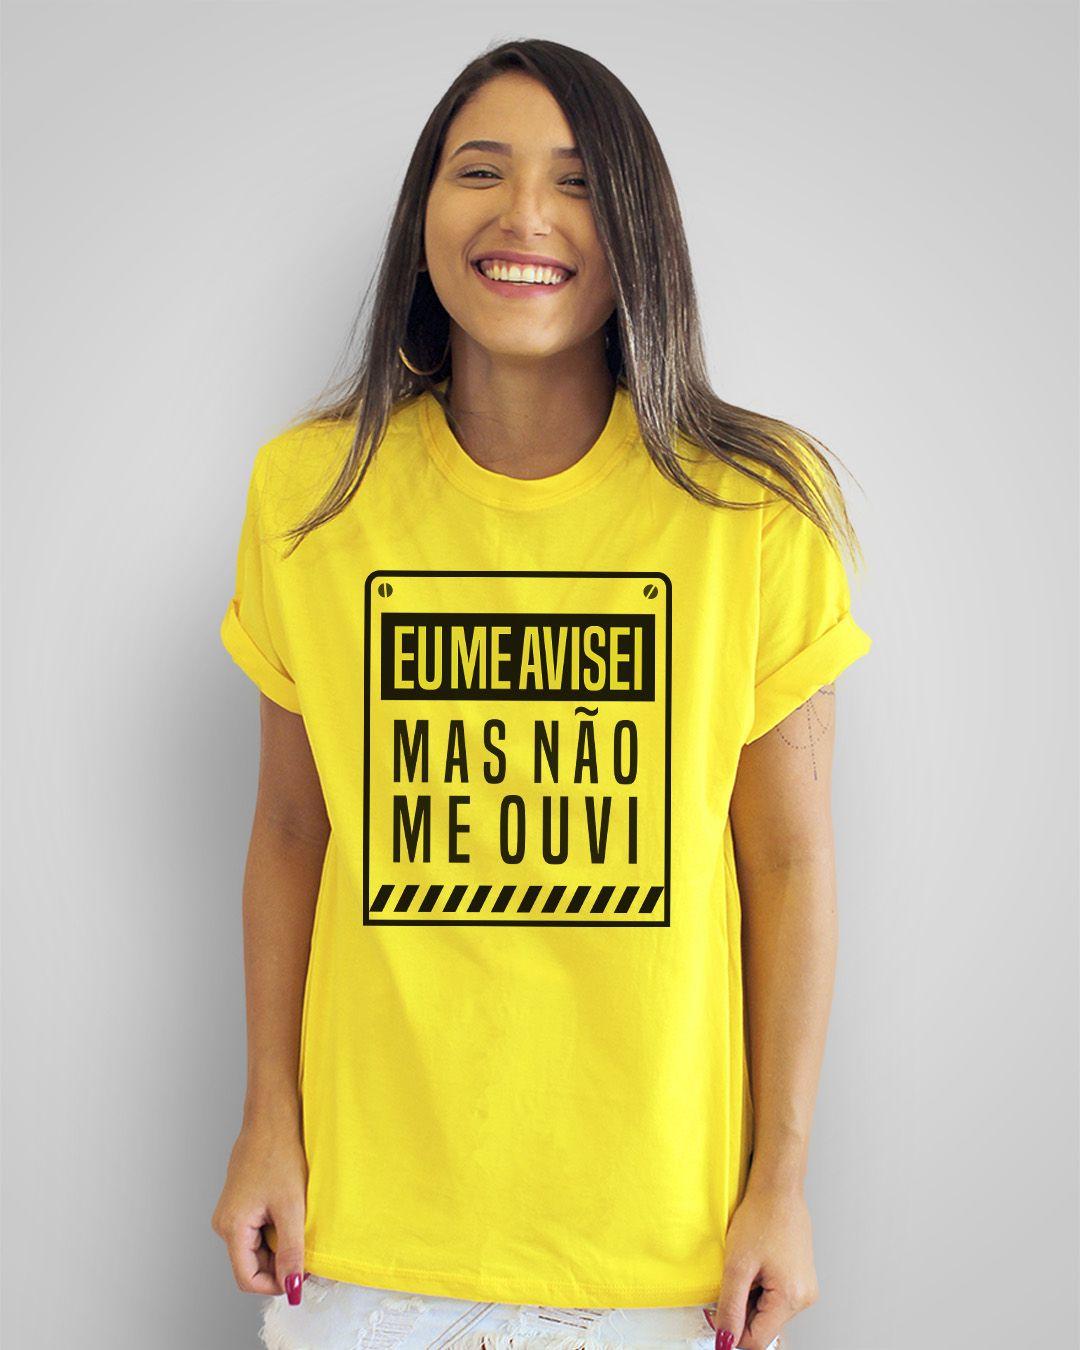 Camiseta Eu me avisei, mas não me ouvi